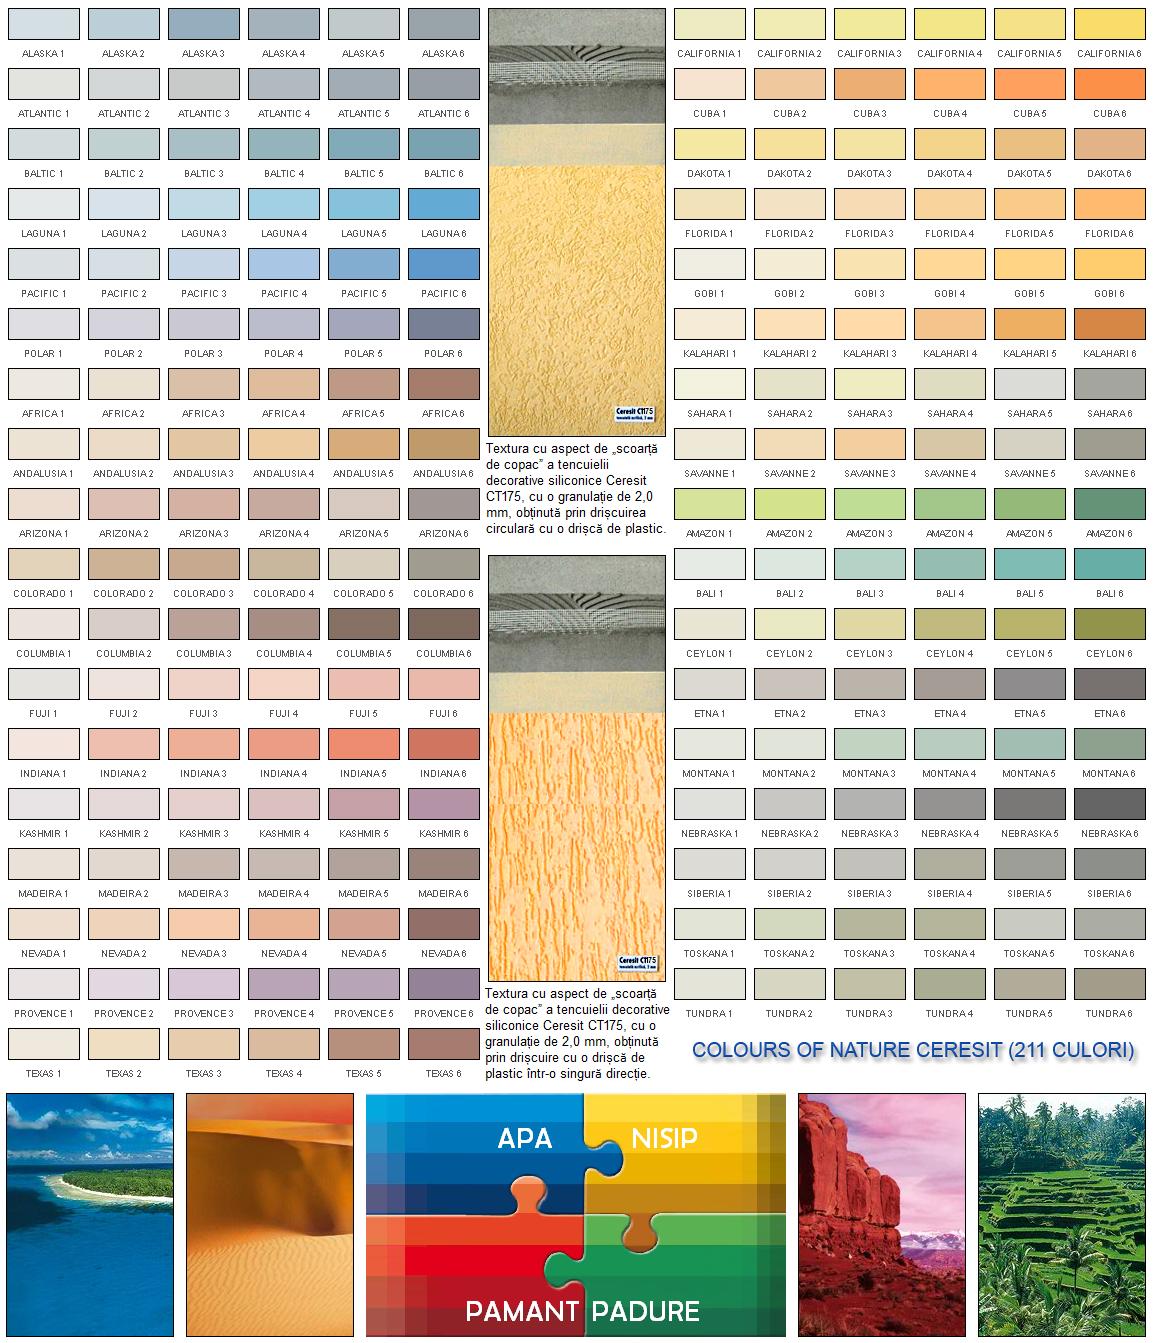 Culori De Tencuiala Decorativa.Tencuiala Decorativa Ct175 Altdepozit